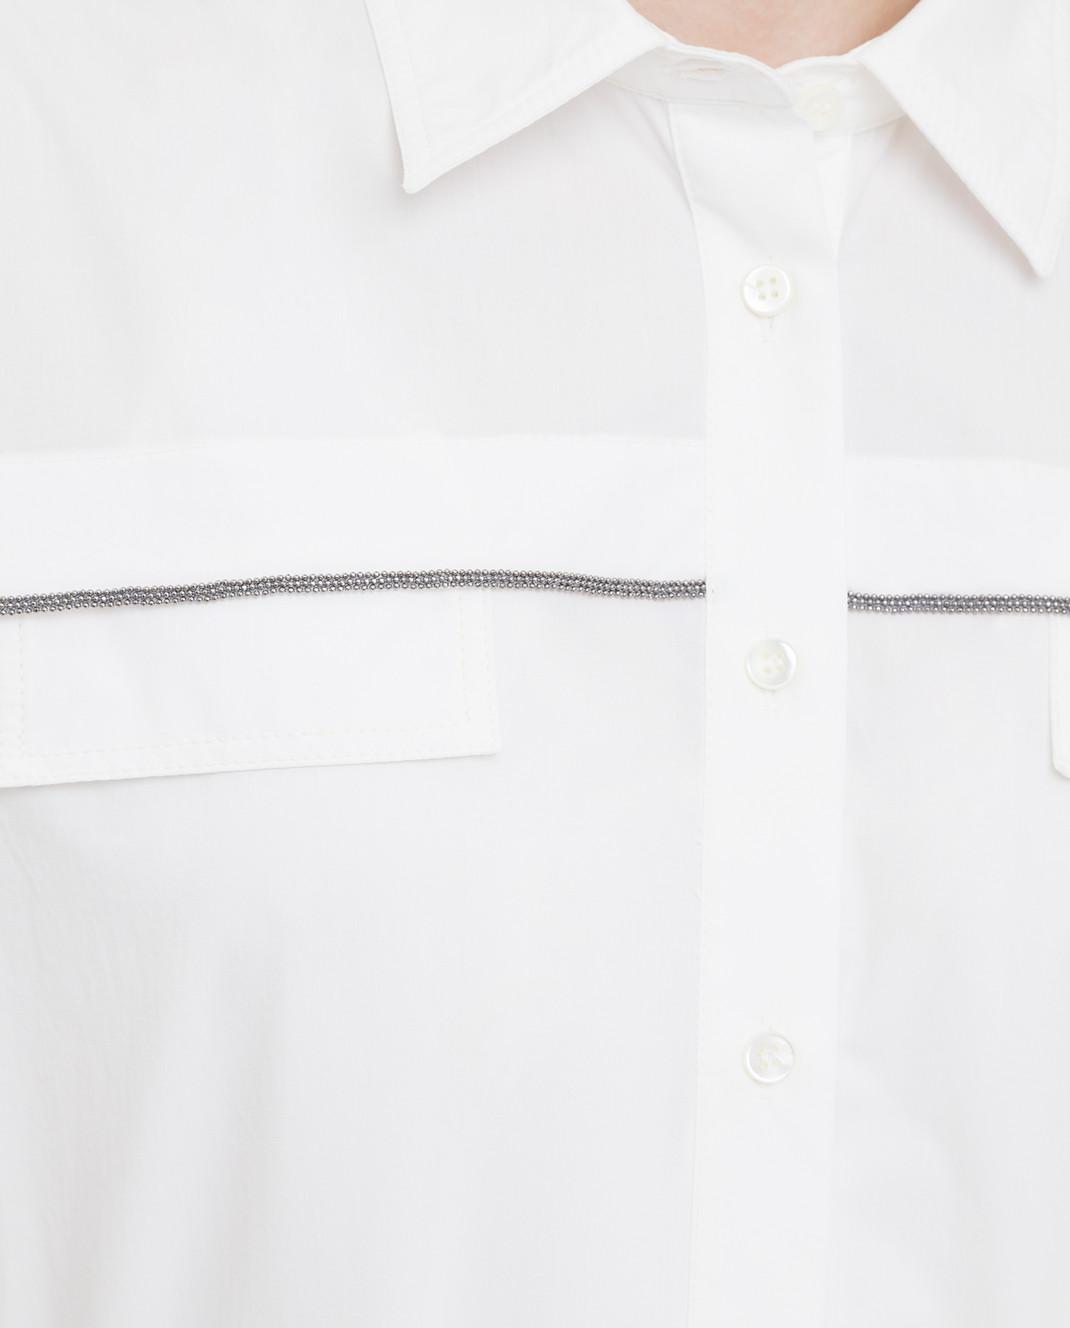 Brunello Cucinelli Белое платье MH127AFM52 изображение 5